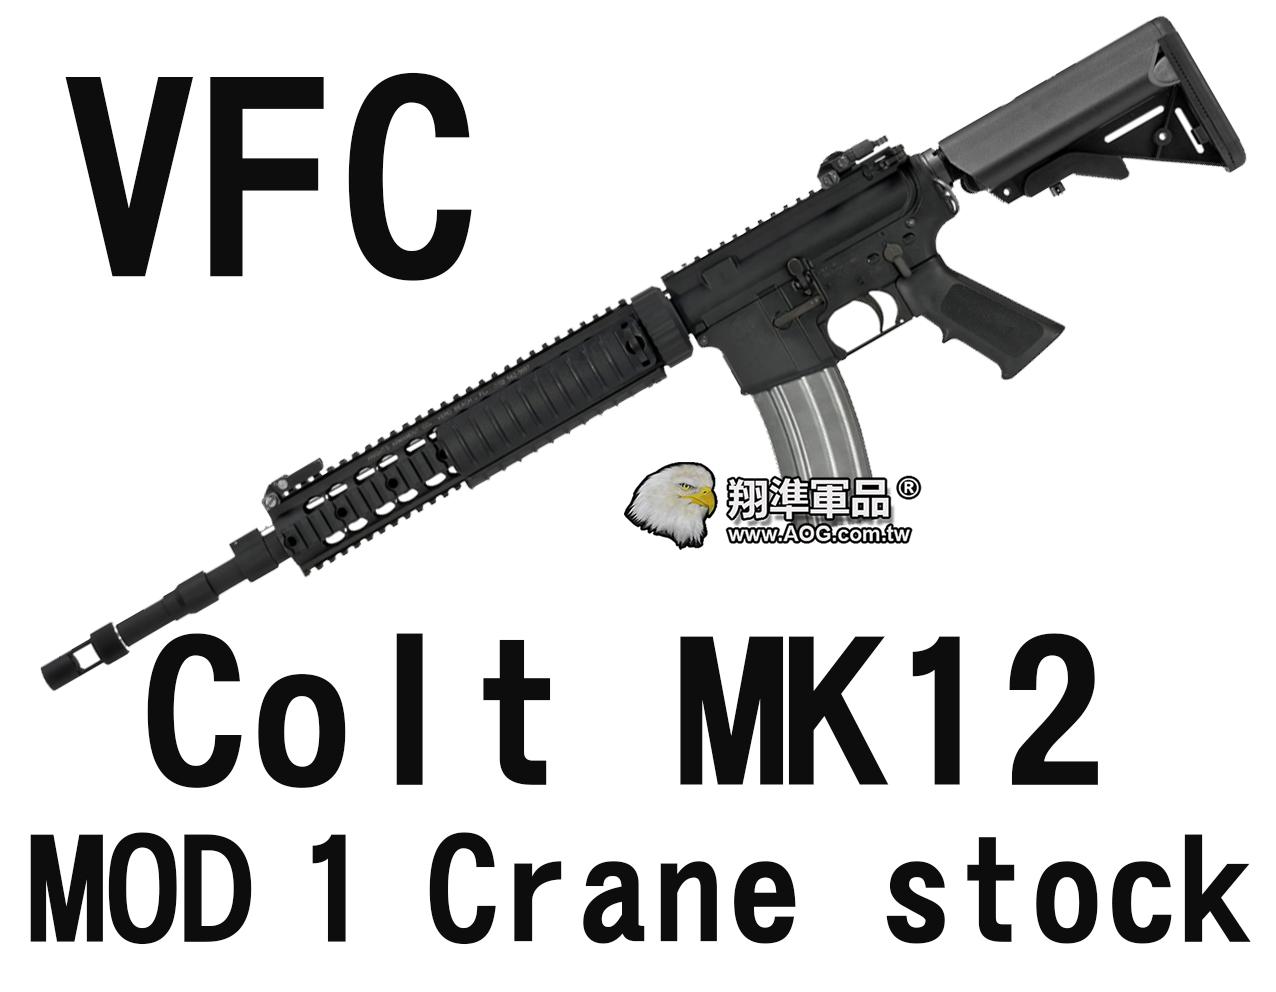 【翔準軍品AOG】【VFC】Colt MK12 MOD 1 Crane stock (STD) 海豹托 魚骨版 電動槍 黑色 VF1-LMK12M1A-BK01